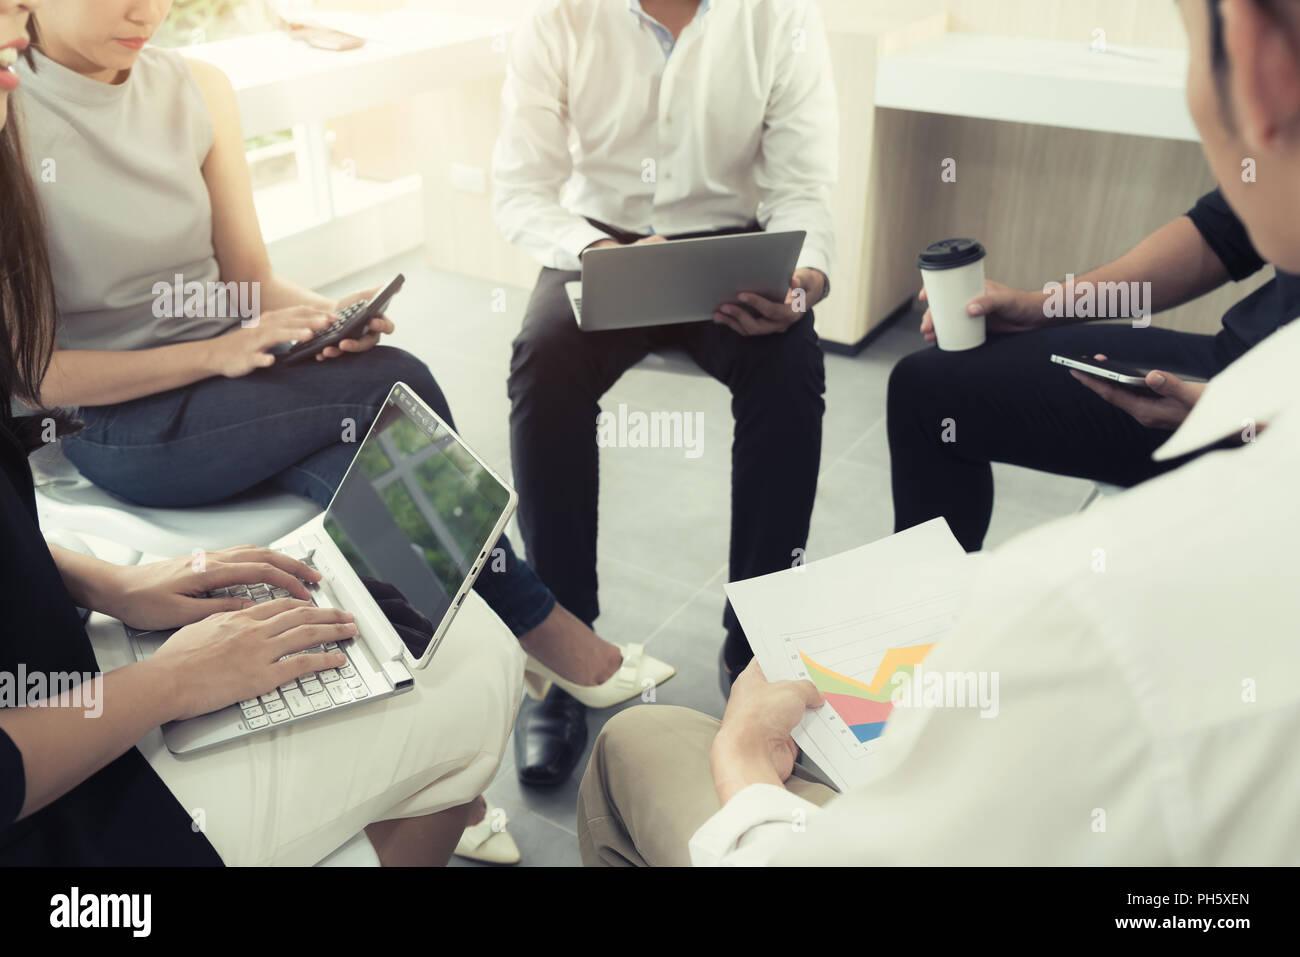 La gente busniess casual reunión en la oficina moderna. Equipo empresarial compañeros compartir documento de informe de negocios. Imagen De Stock